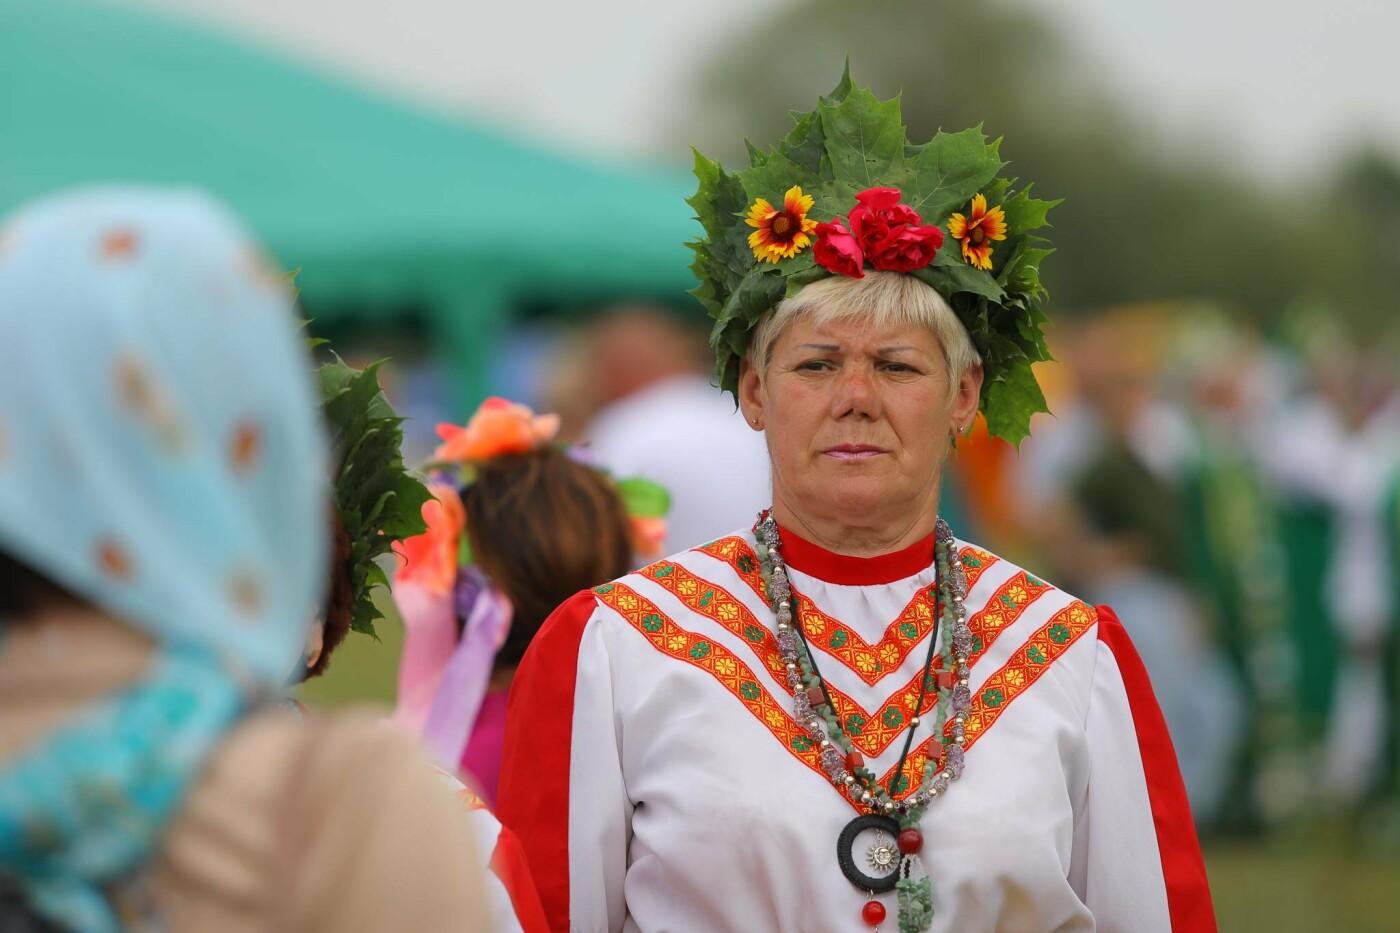 Белгородские казаки отпраздновали «Холковский сполох» (фоторепортаж), фото-4